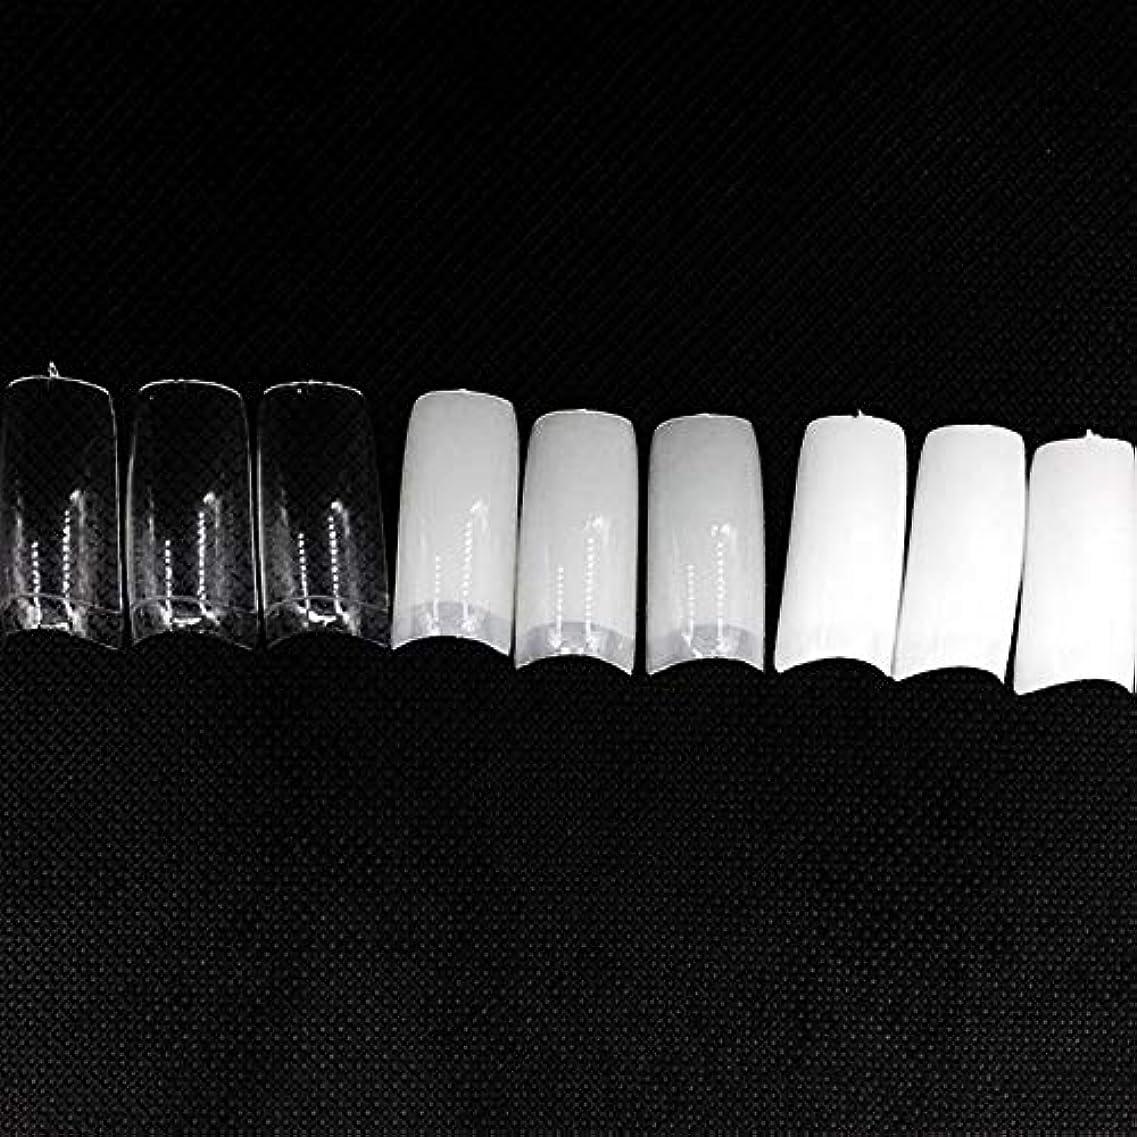 ブラストぎこちないするネイルチップ つけ爪 偽爪 無地 ロング オーバル 10サイズ デコレーション フルチップ シンプル DIY デザイン 500個/セット Moomai